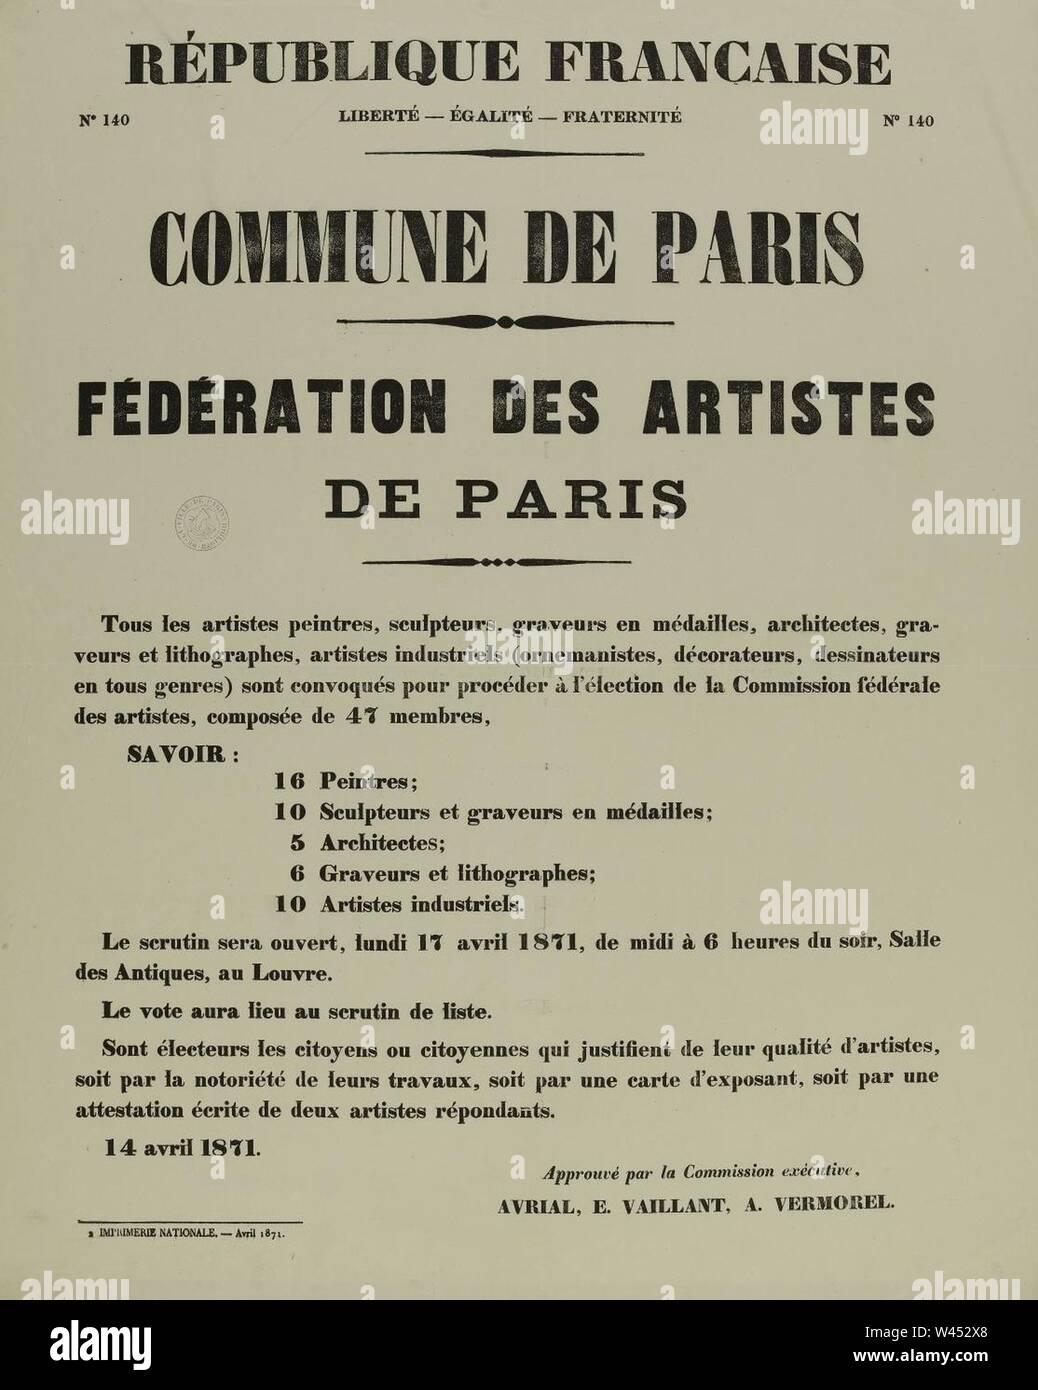 Commune de Paris, élection de la commission fédérale des artistes (1871-04-14). - Stock Image